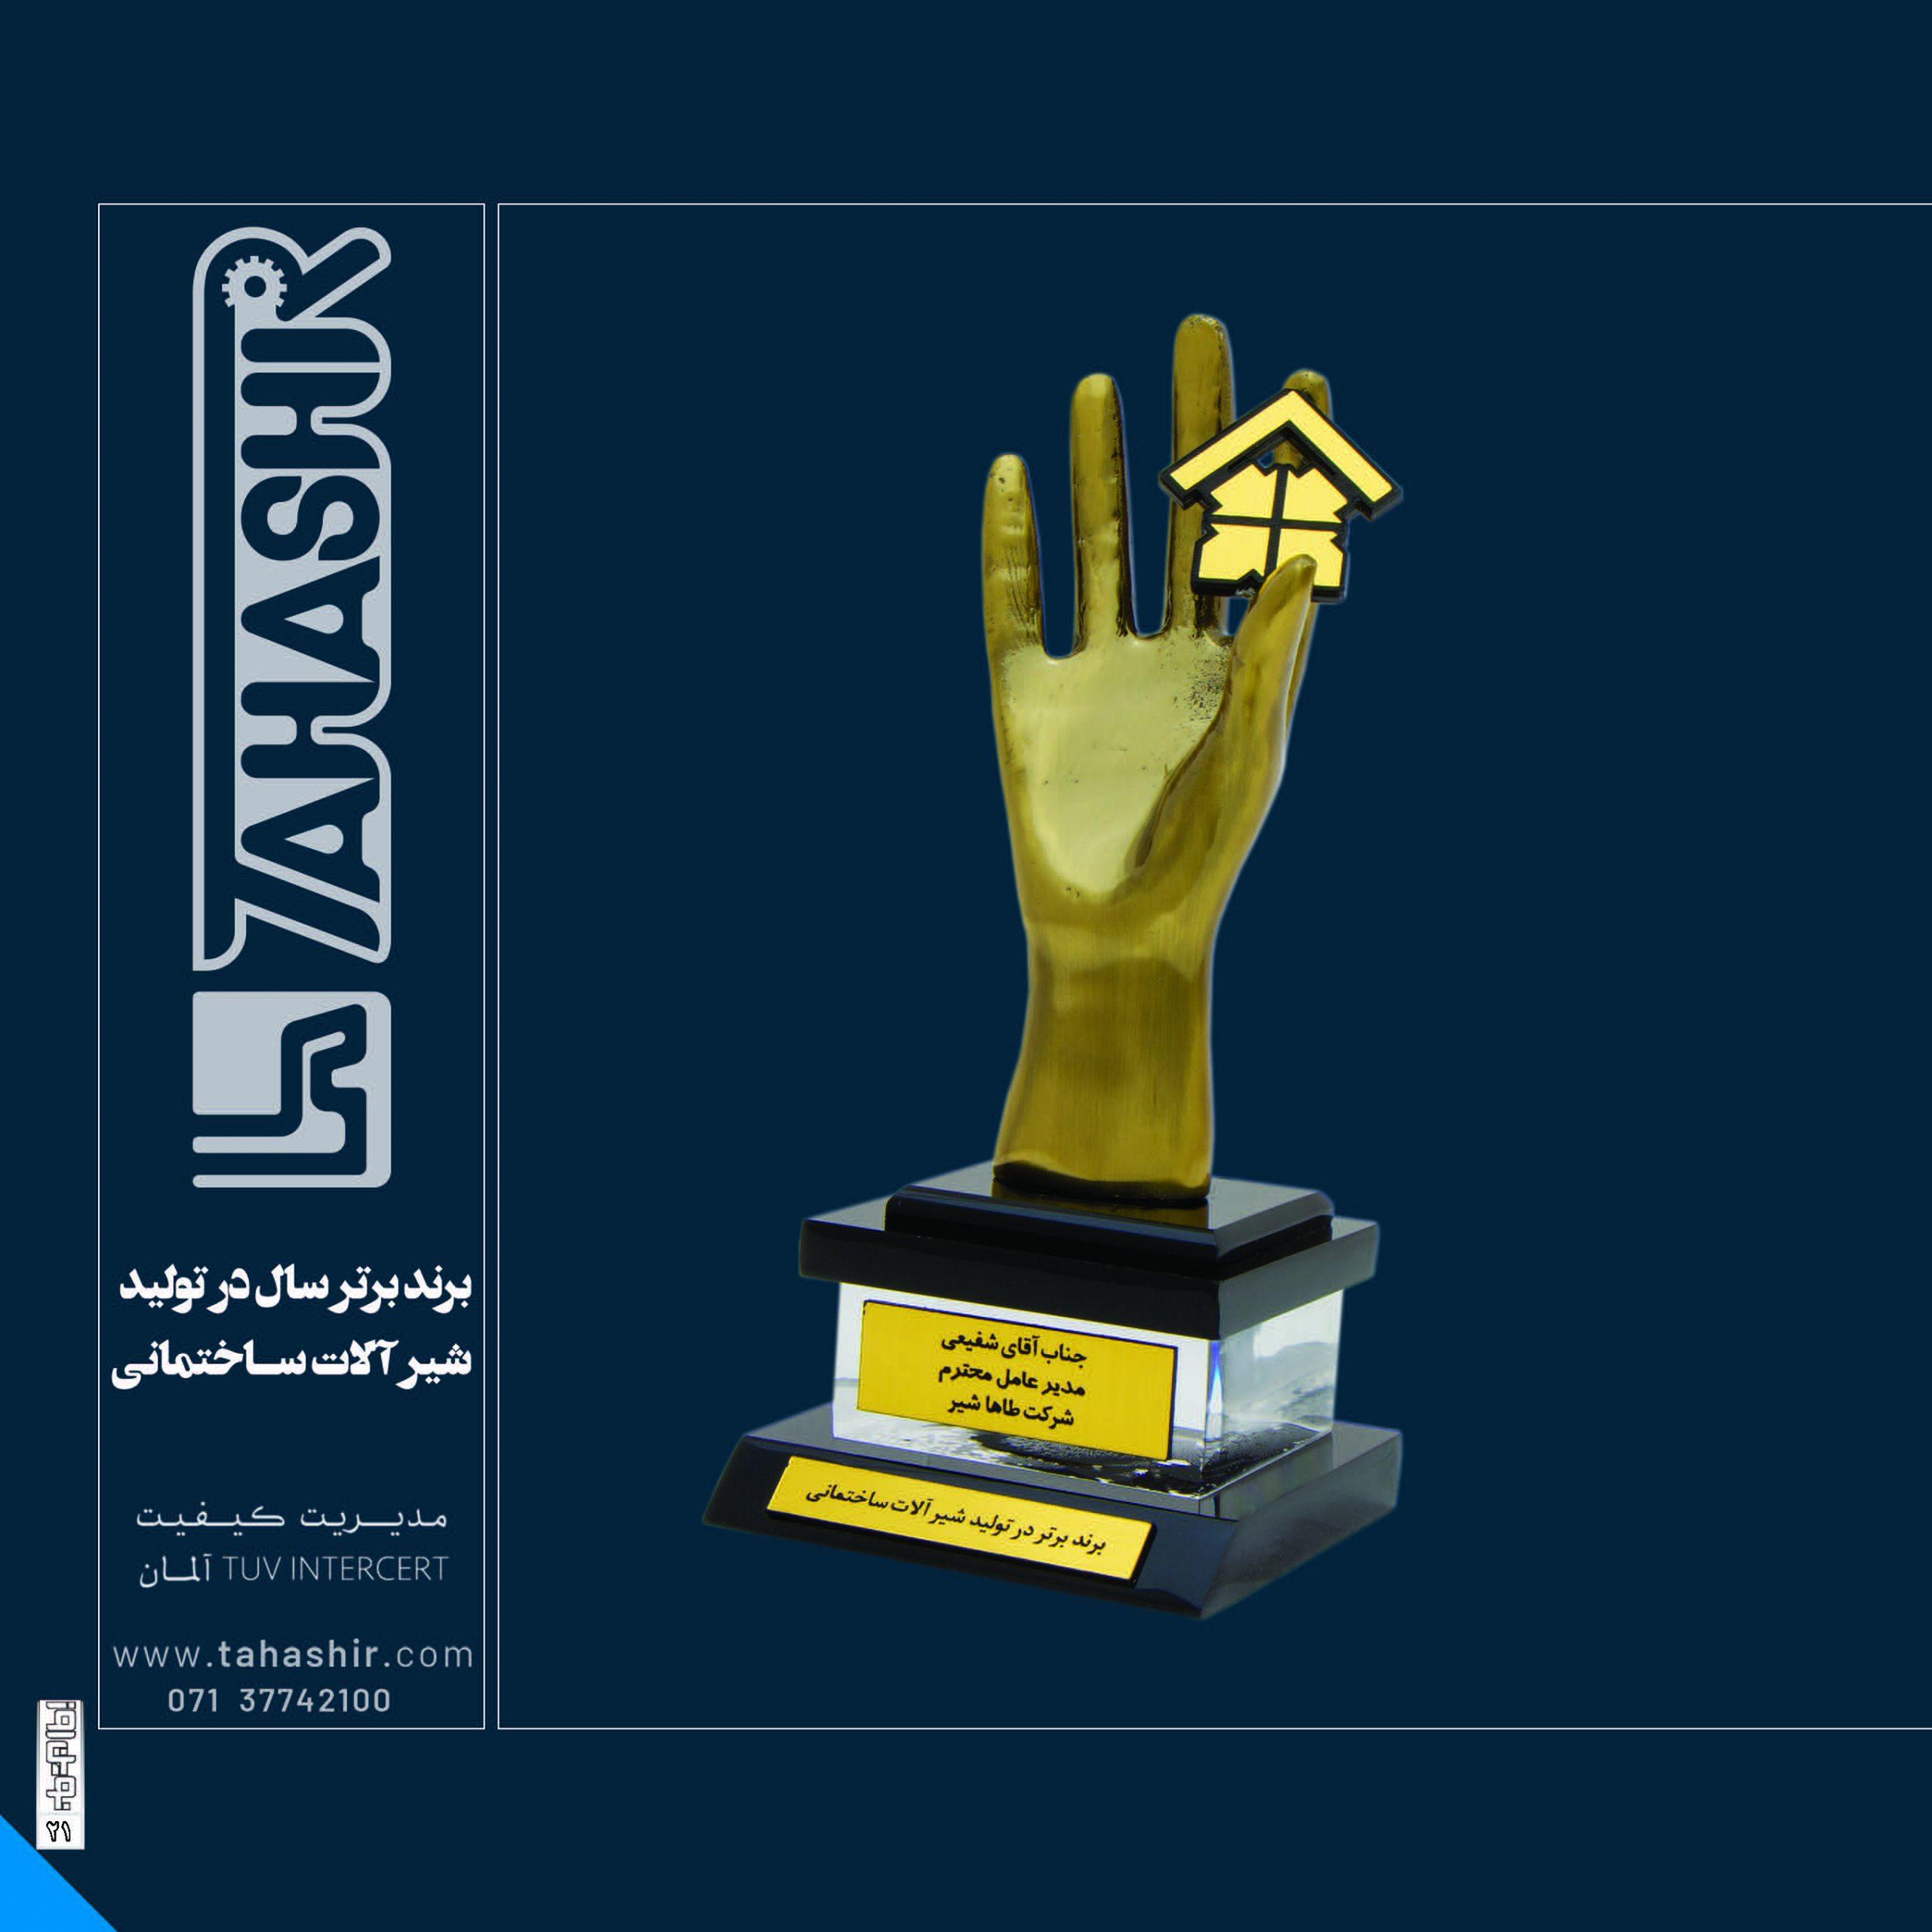 طاهاشیر-مجله64-2